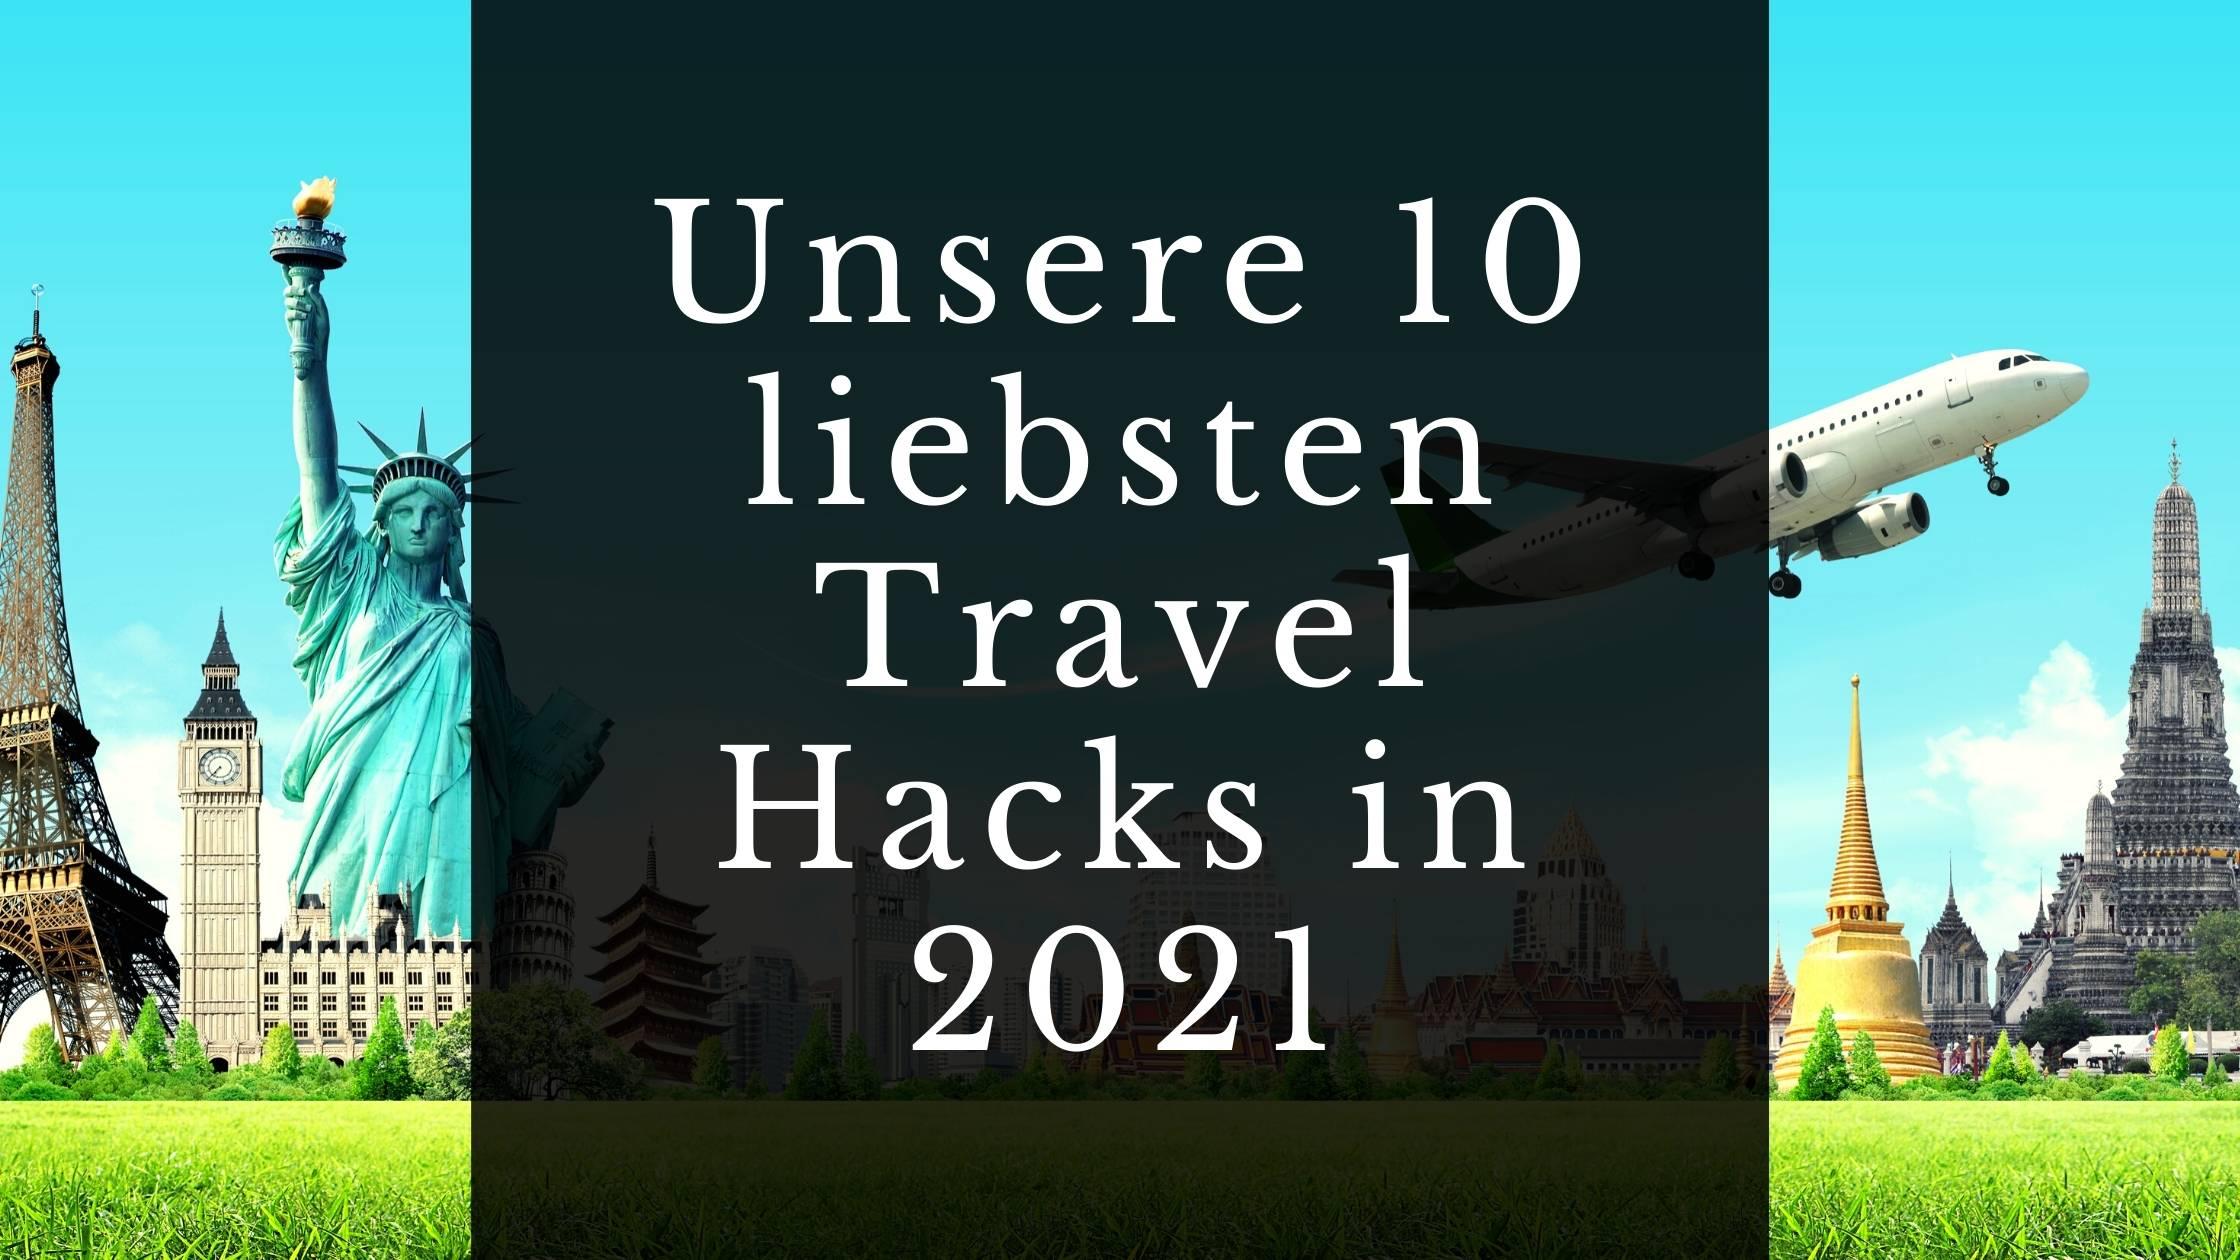 Unsere 10 liebsten Travel Hacks in 2021